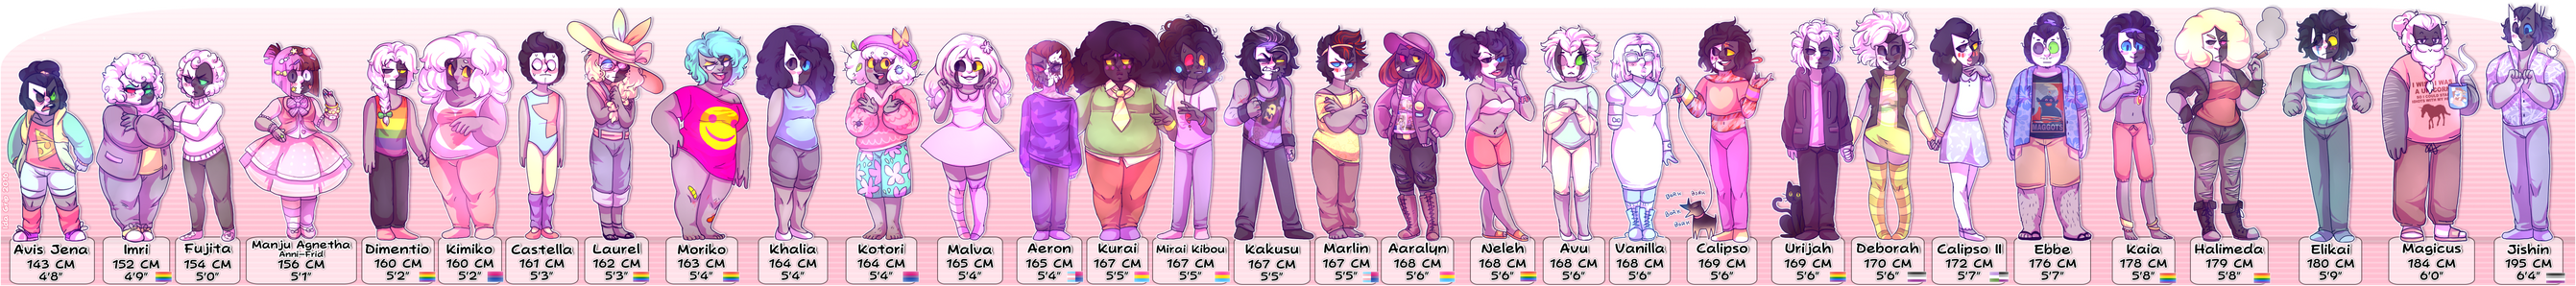 Noface Height Chart by ScreeKeeDee